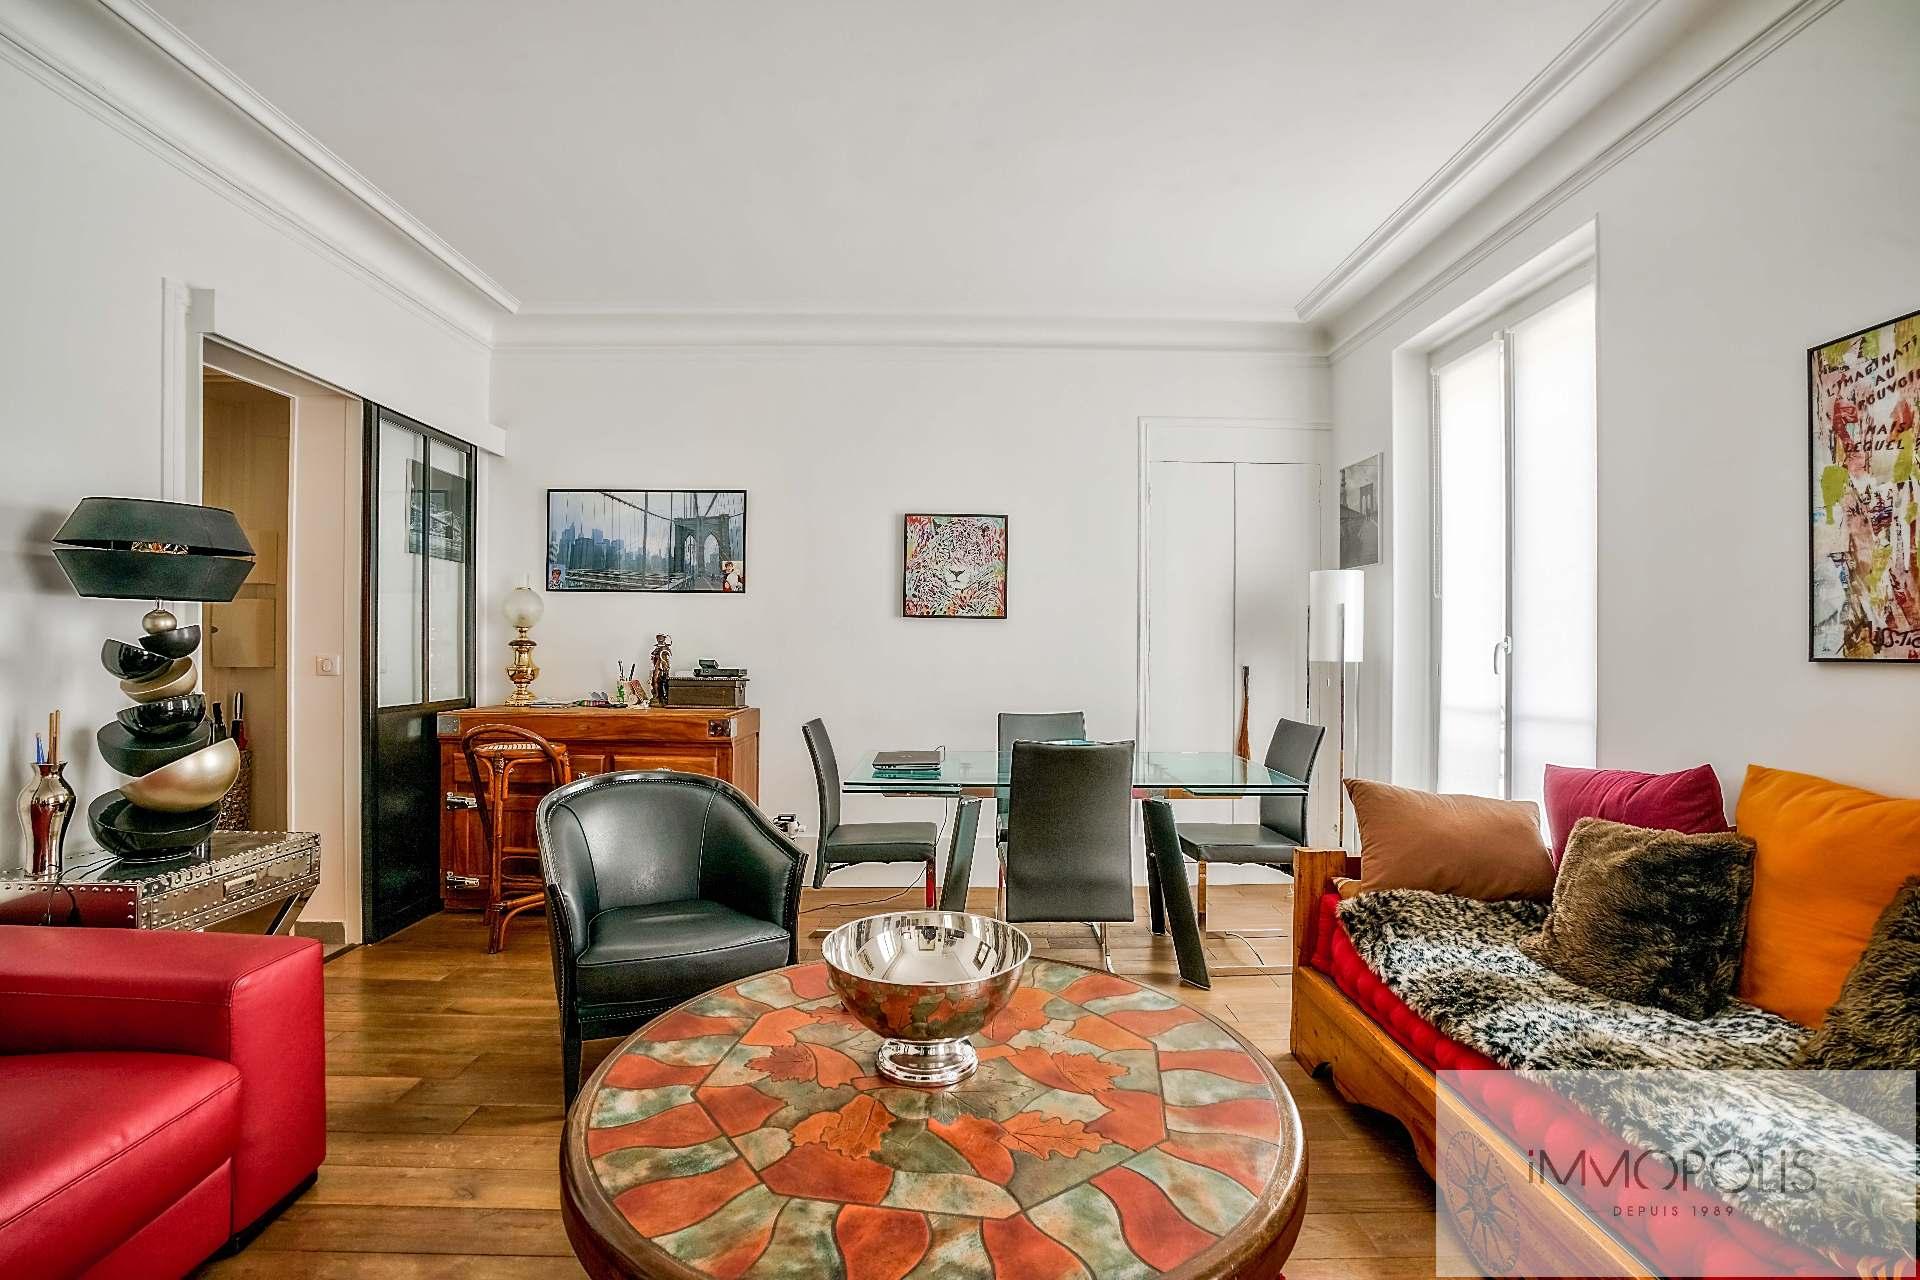 Superb 3 rooms (1 bedroom) in Montmartre, on the 3rd floor with elevator: great amenities! 1